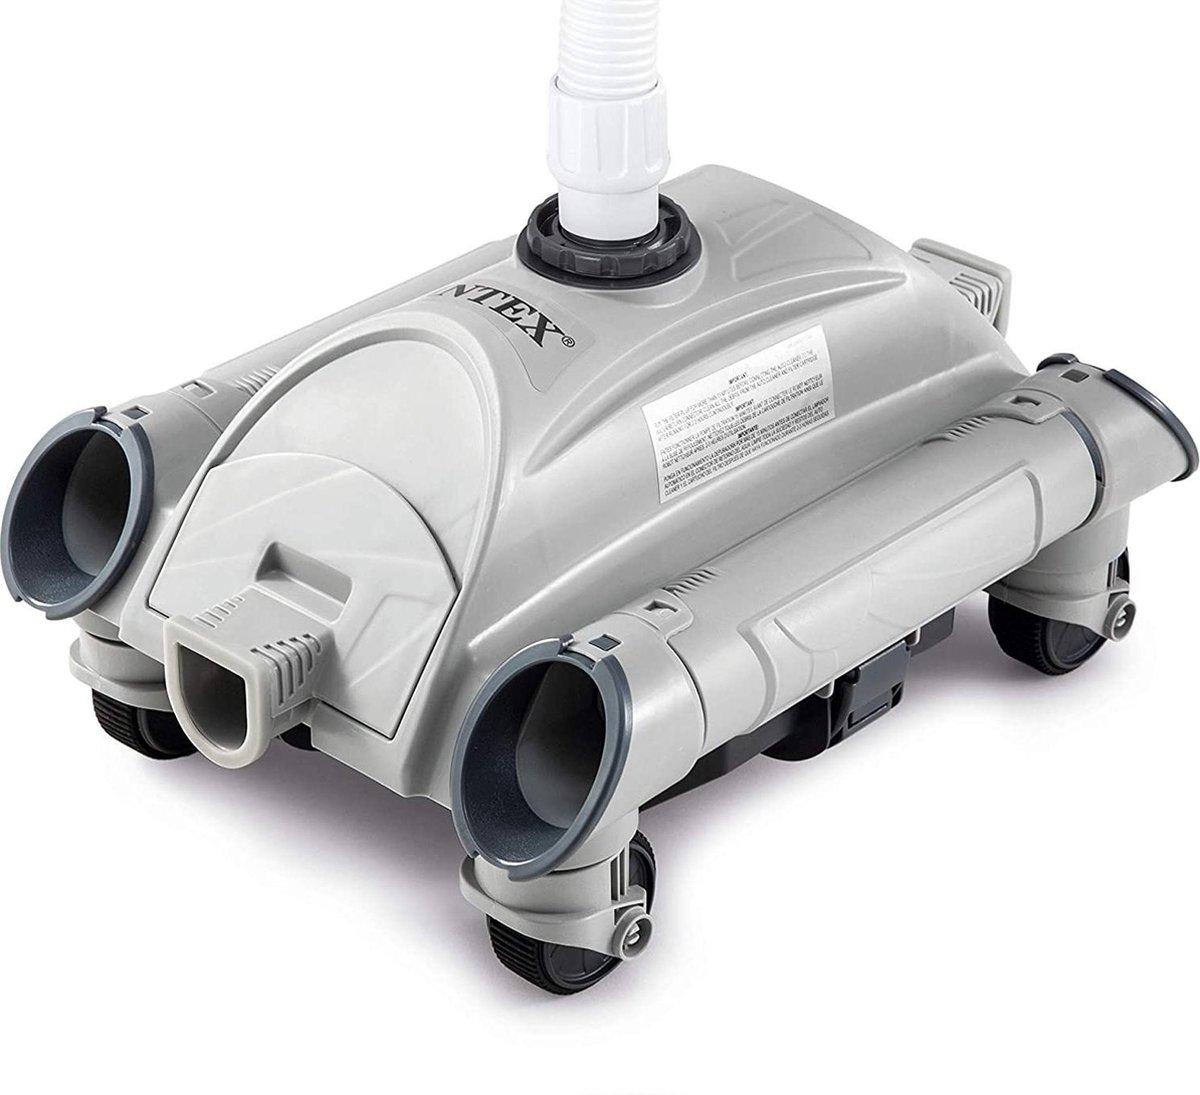 Automatische zwembad reiniger - Zwembad stofzuiger robot - Krachtige reiniger voor slangfittingen van 38mm